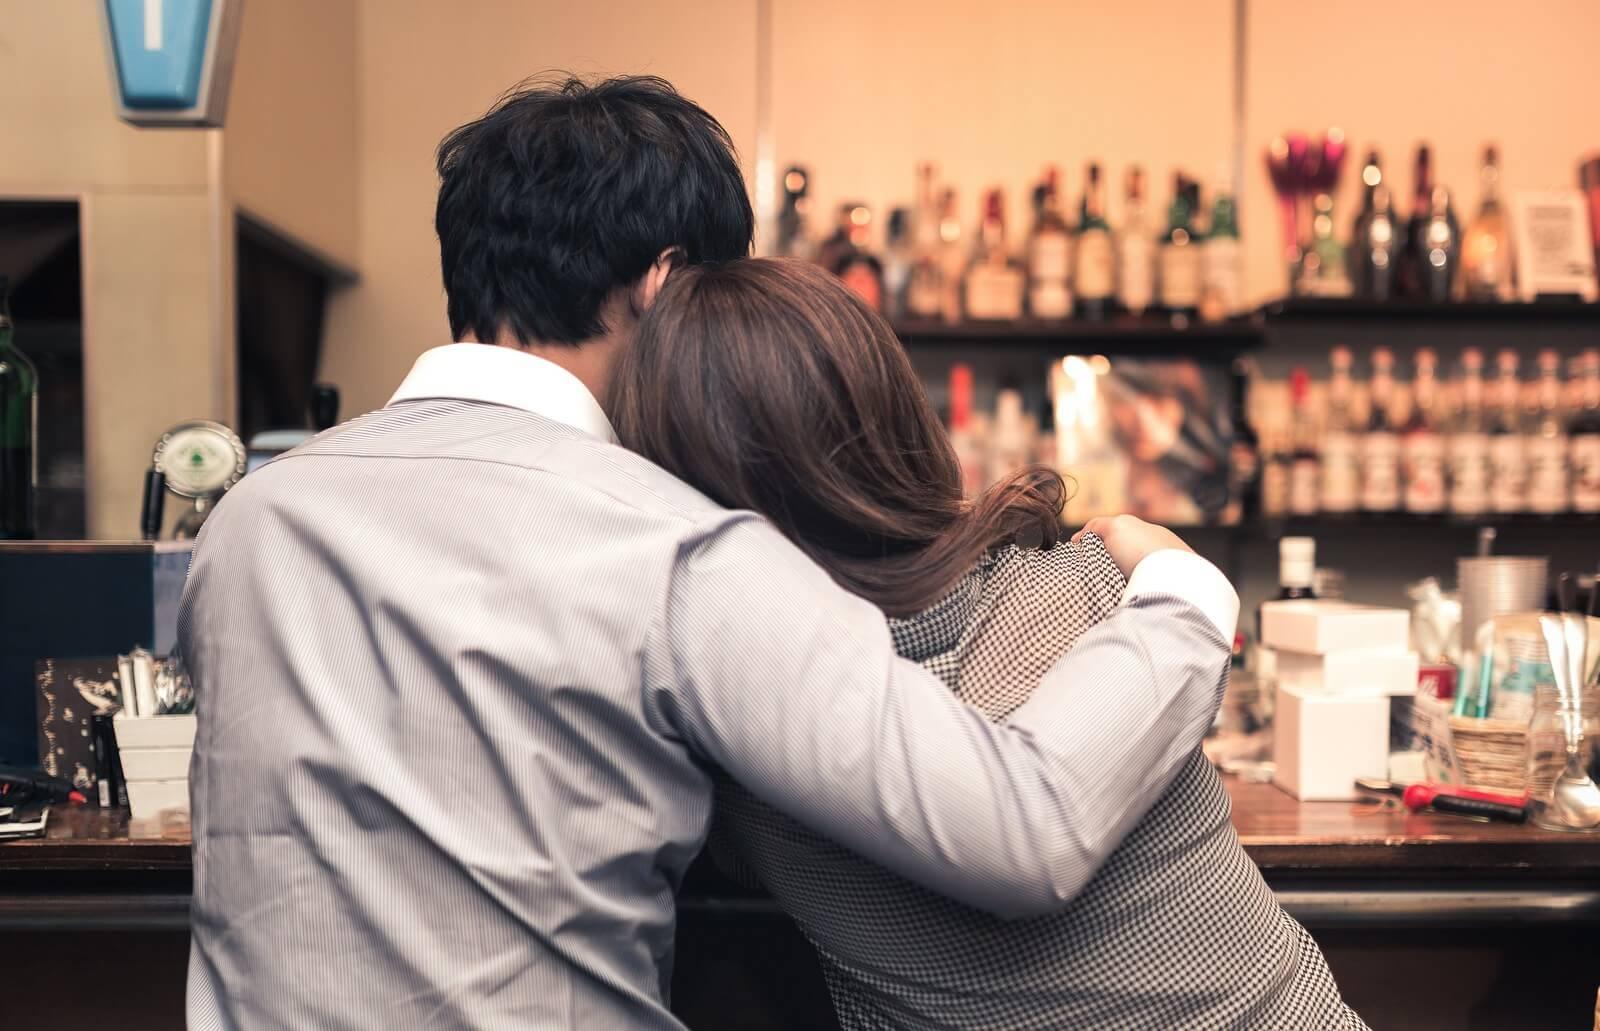 復縁屋M&Mの岐阜県での復縁工作事例